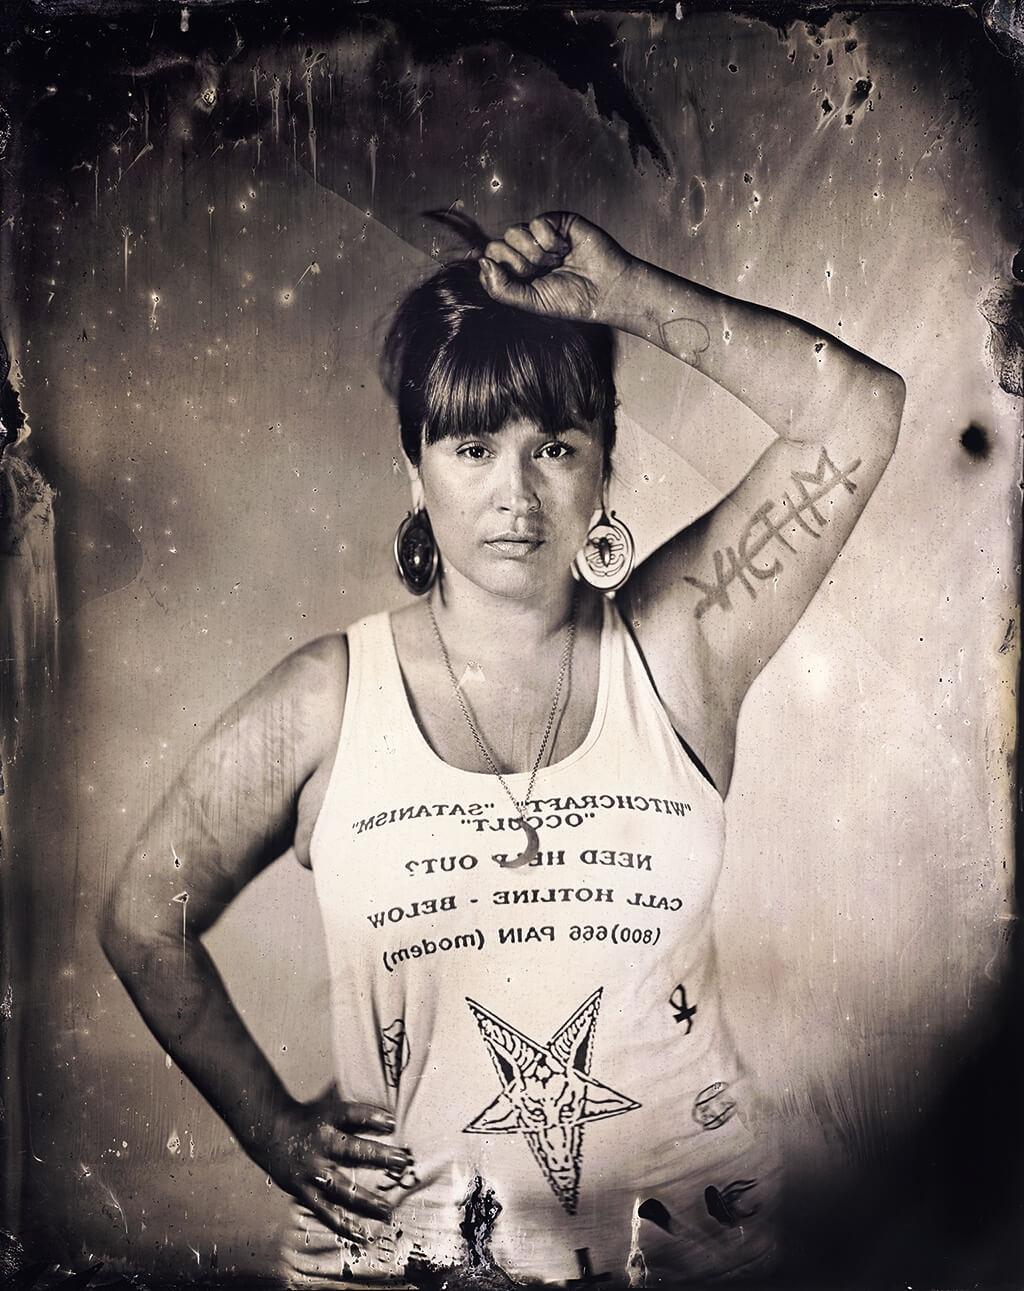 莎夏.塔格斯布魯.拉波因特著有回憶錄《輕舟一葉》,內容談到有多方血統的她在保留地長大、歷經性暴力、從原住民身分中找到力量的成長過程。她的名字來自她的曾祖母維.塔格斯布魯.赫爾伯特,赫爾伯特是部落長老、作家,也是致力將部族語言傳遍太平洋西北的文化保存者。拉波因特是海岸薩利希人,家族來自奴克沙克族和上斯卡吉族。她說「不管我們身為原住民女性承受了什麼,我們還是能夠昂首挺立,直視鏡頭,彷彿在說:『我們仍在這裡』。我們不是隱形人。你們無法忽視我們。」她的這張溼版攝影肖像照是攝影師卡里.史匹茲勒《探索堅忍》系列作品之一。攝影:卡里.史匹茲勒。卡斯卡德納族和猶太裔